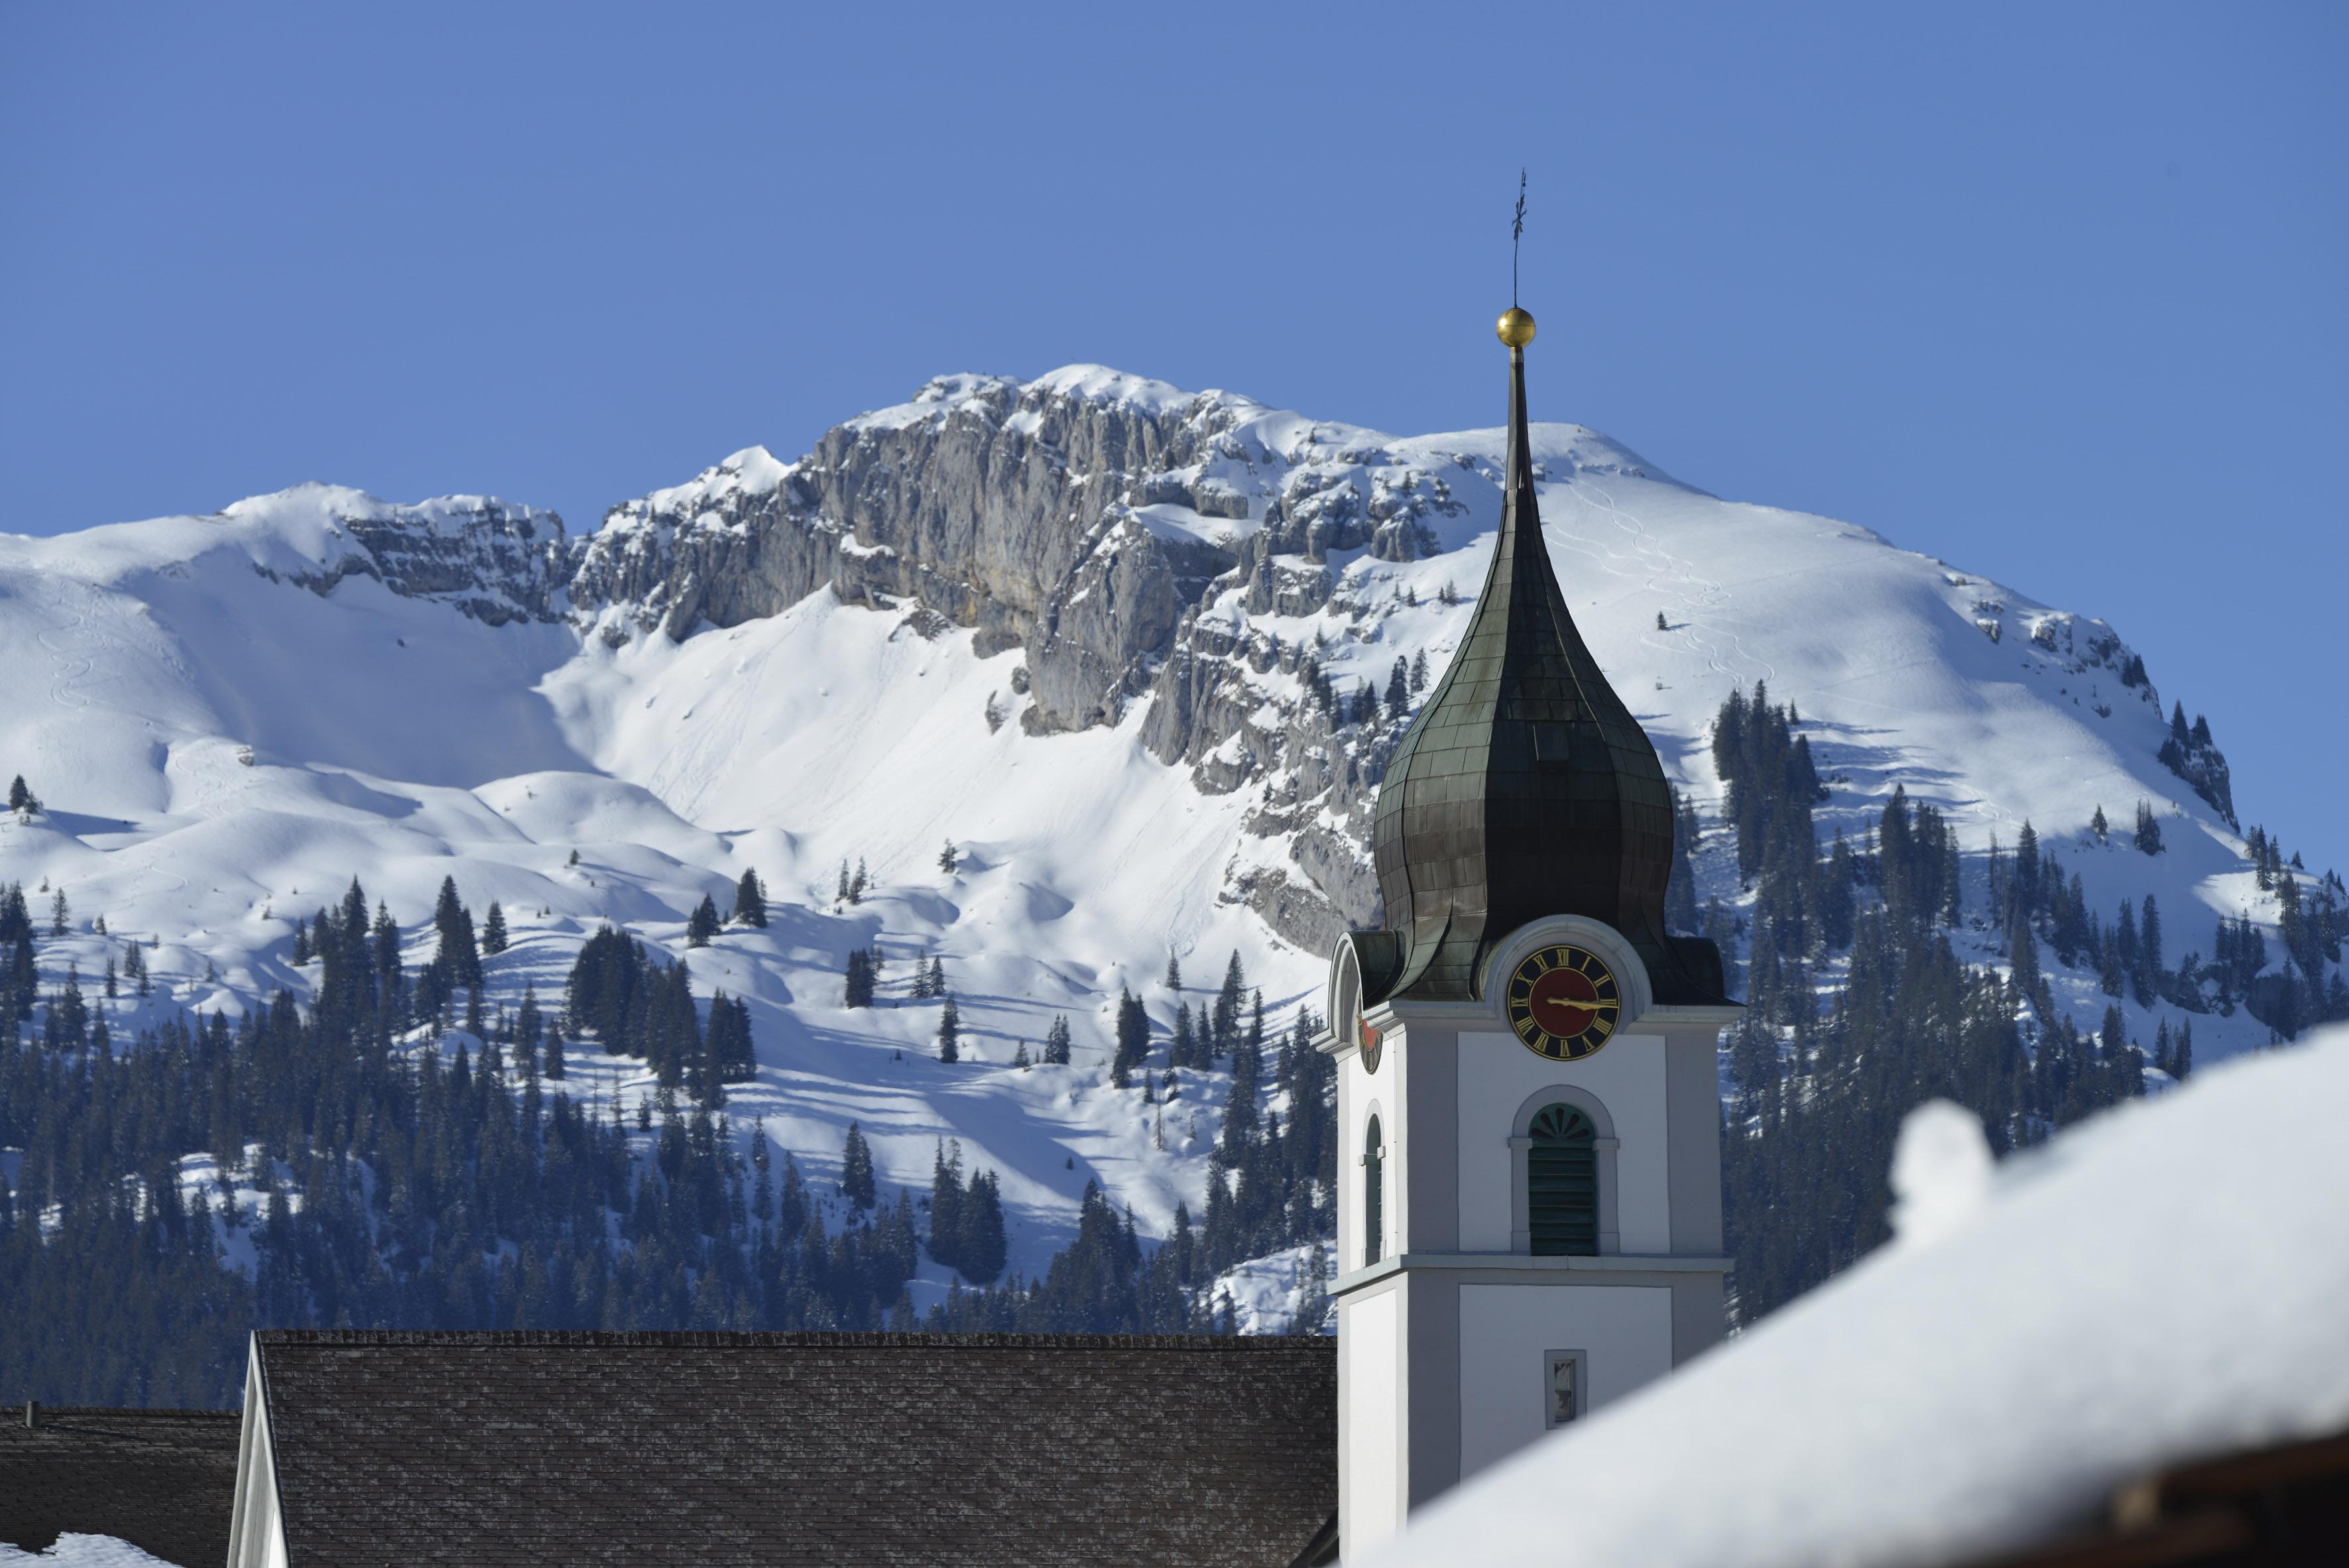 Winterwanderung zur Talstation Luftseilbahn Brienzer Rothorn